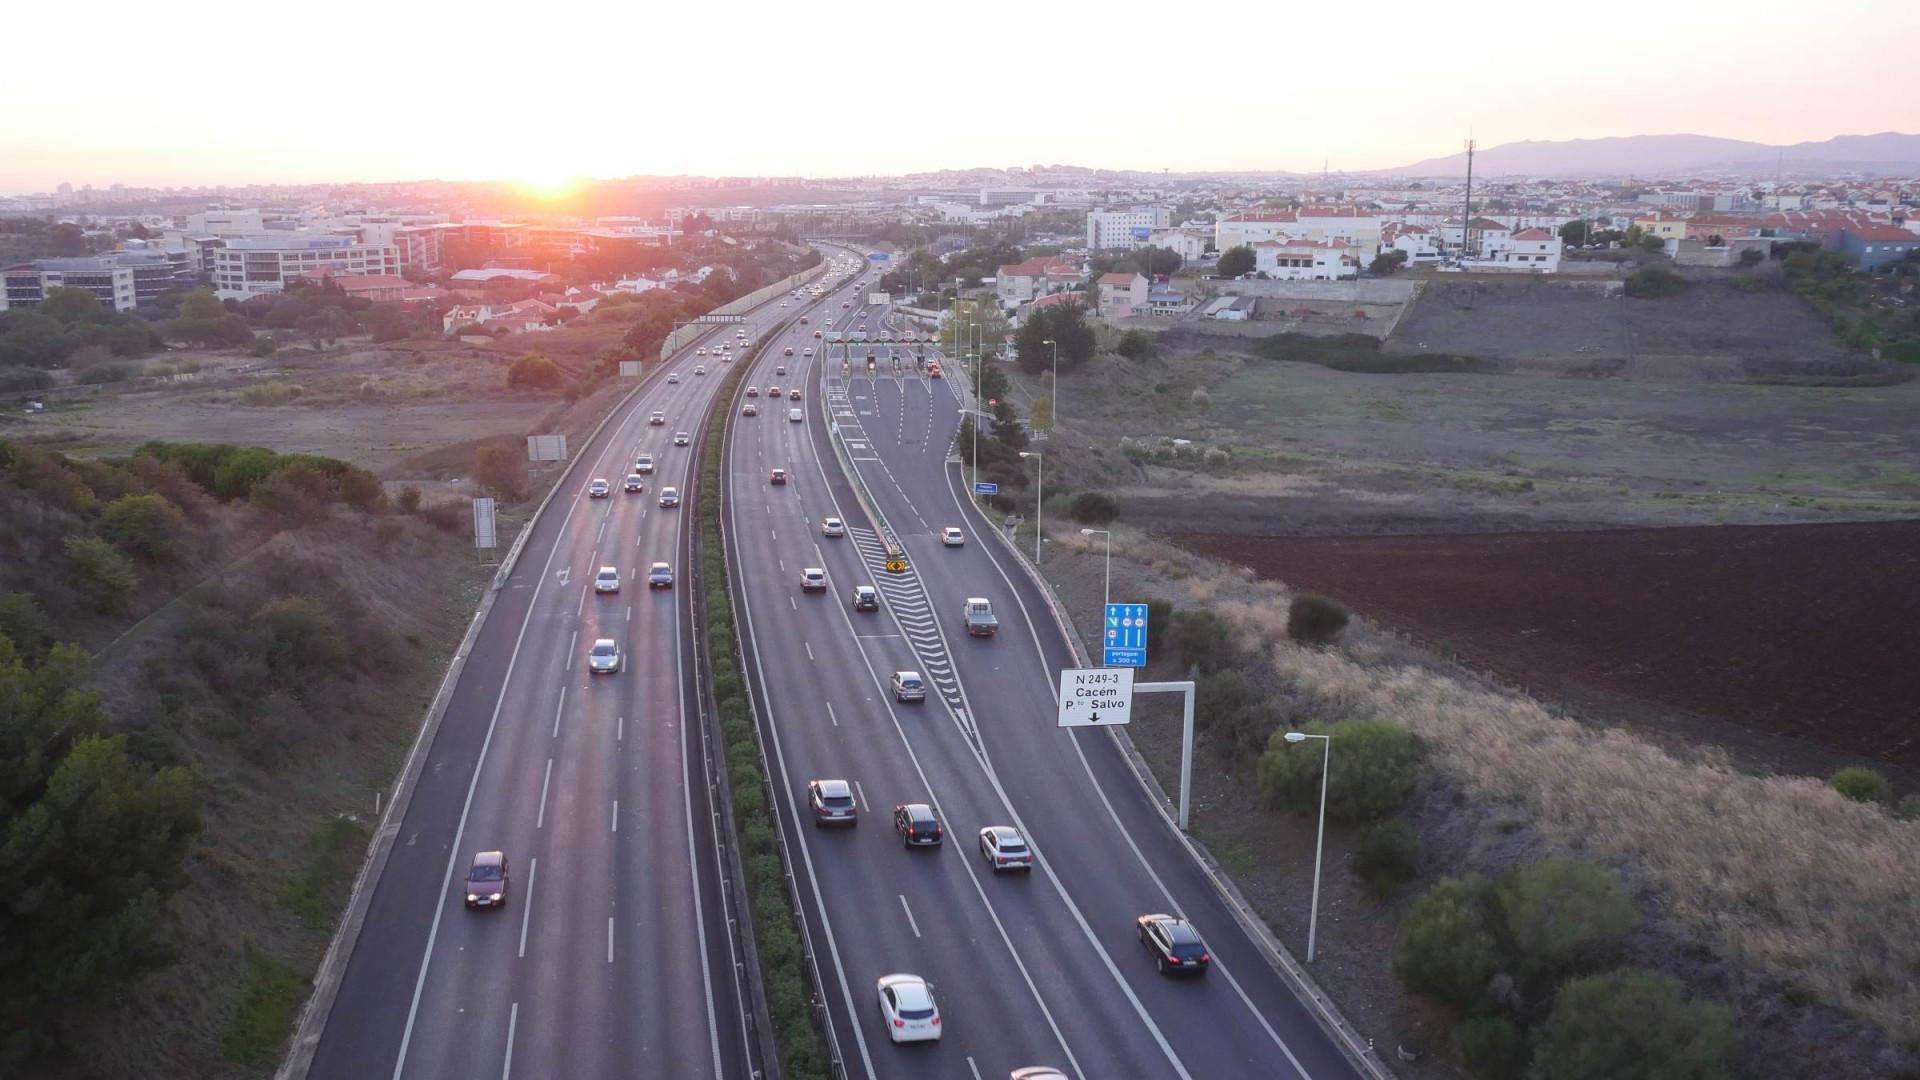 Obras vão condicionar parte do trânsito na A5. Saiba quando